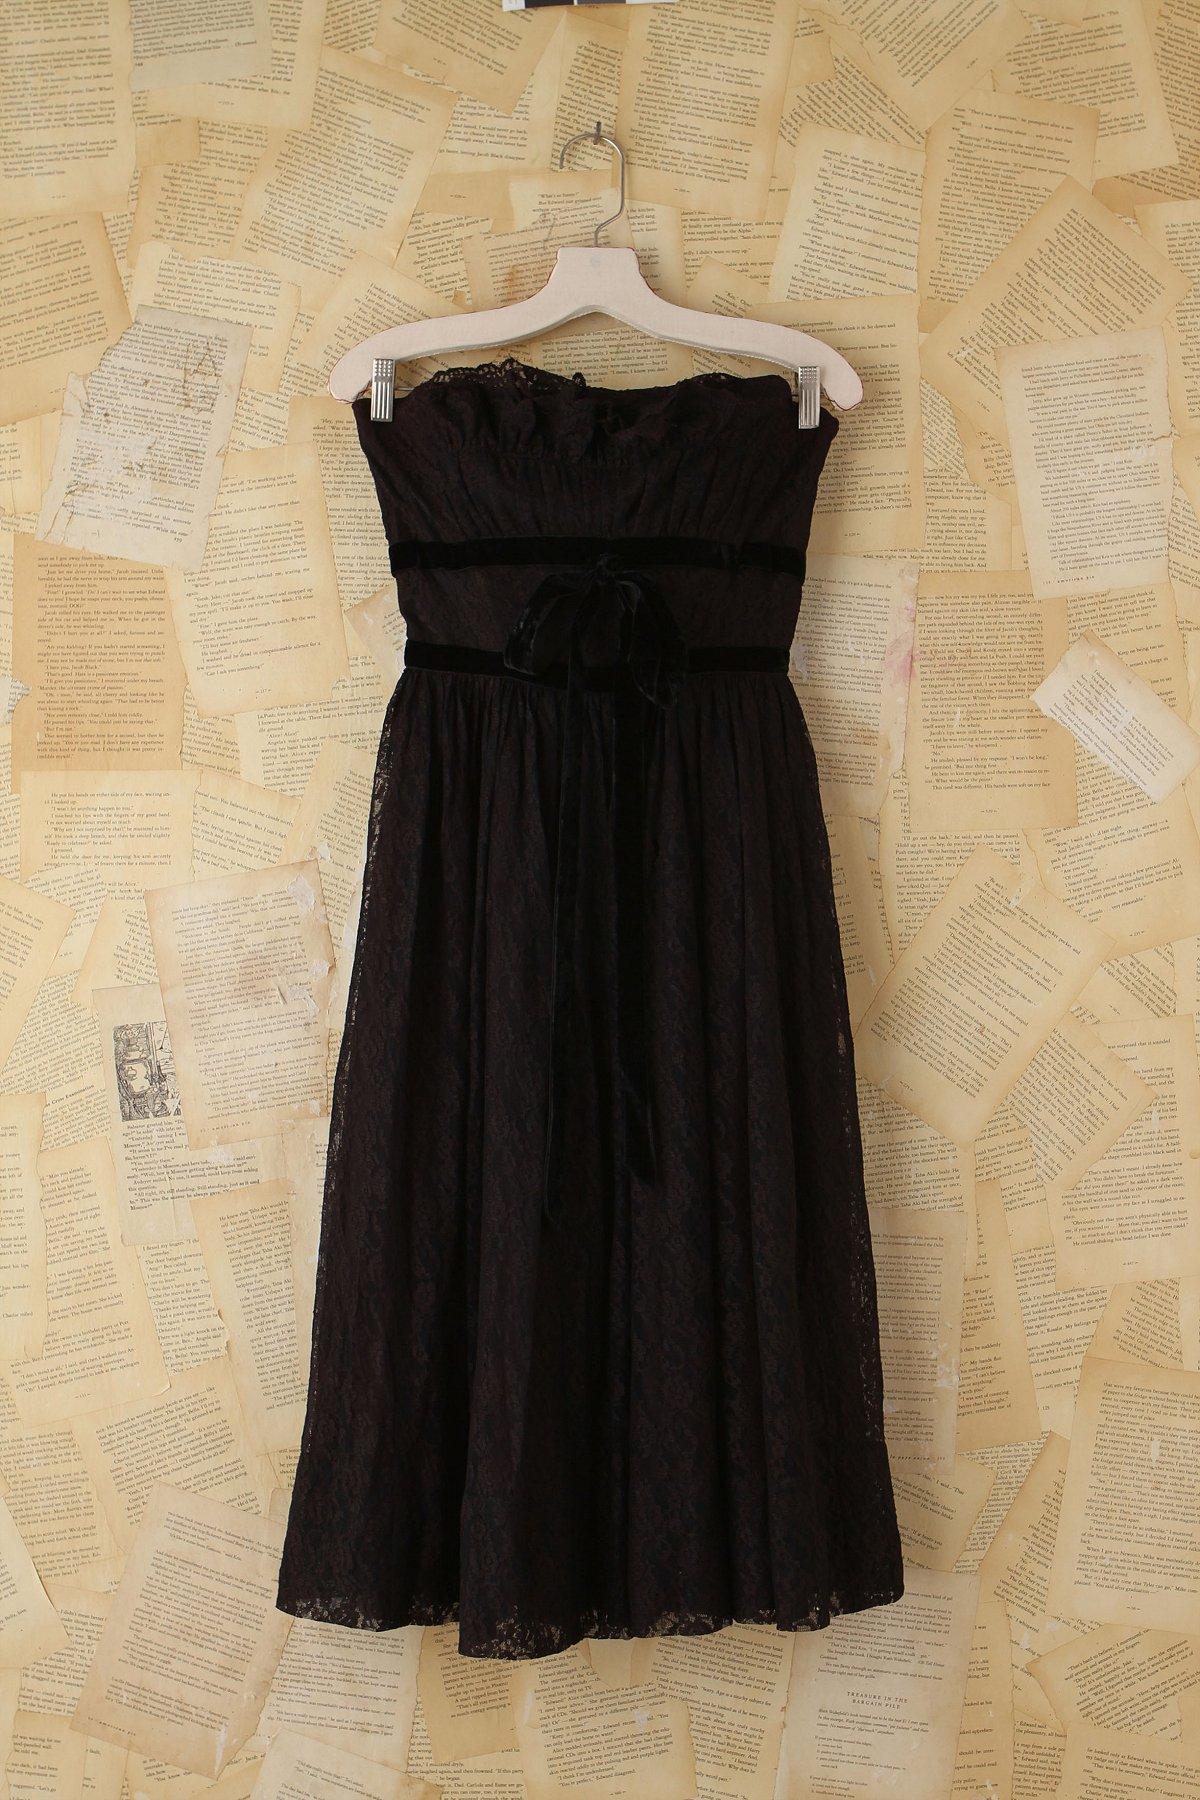 Vintage Black Lace Party Dress